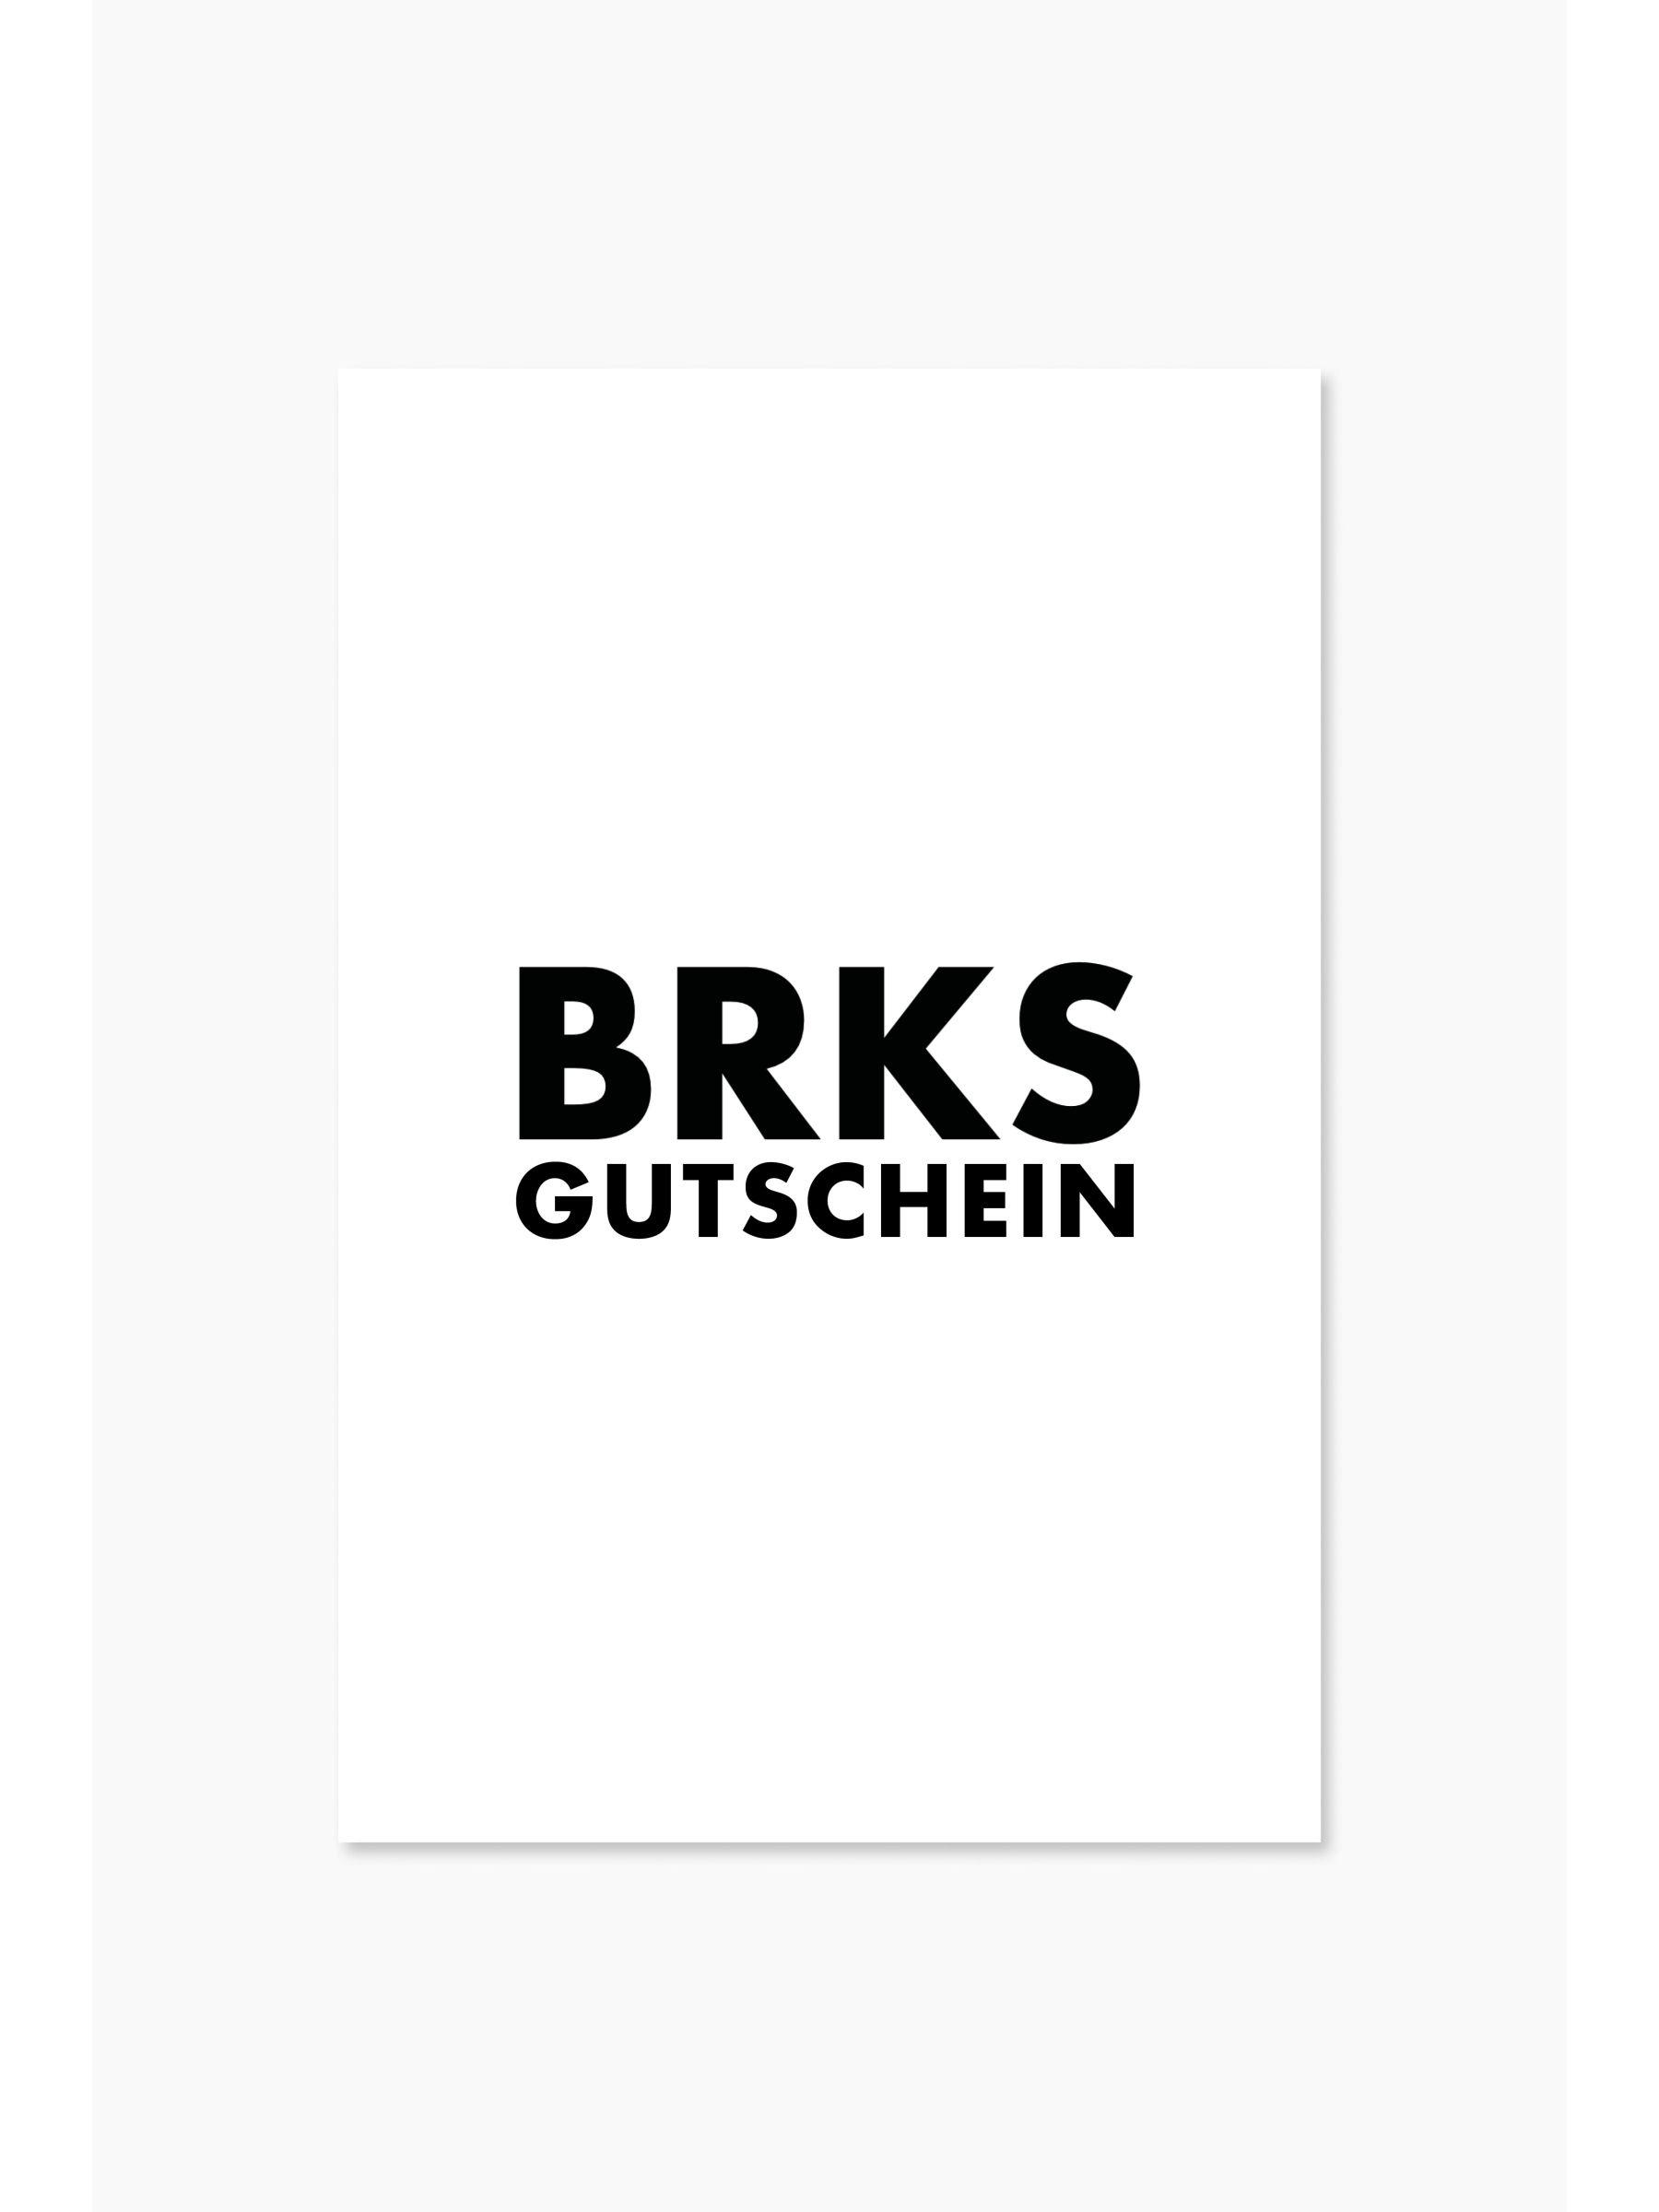 BRKS-Gutschein.jpg